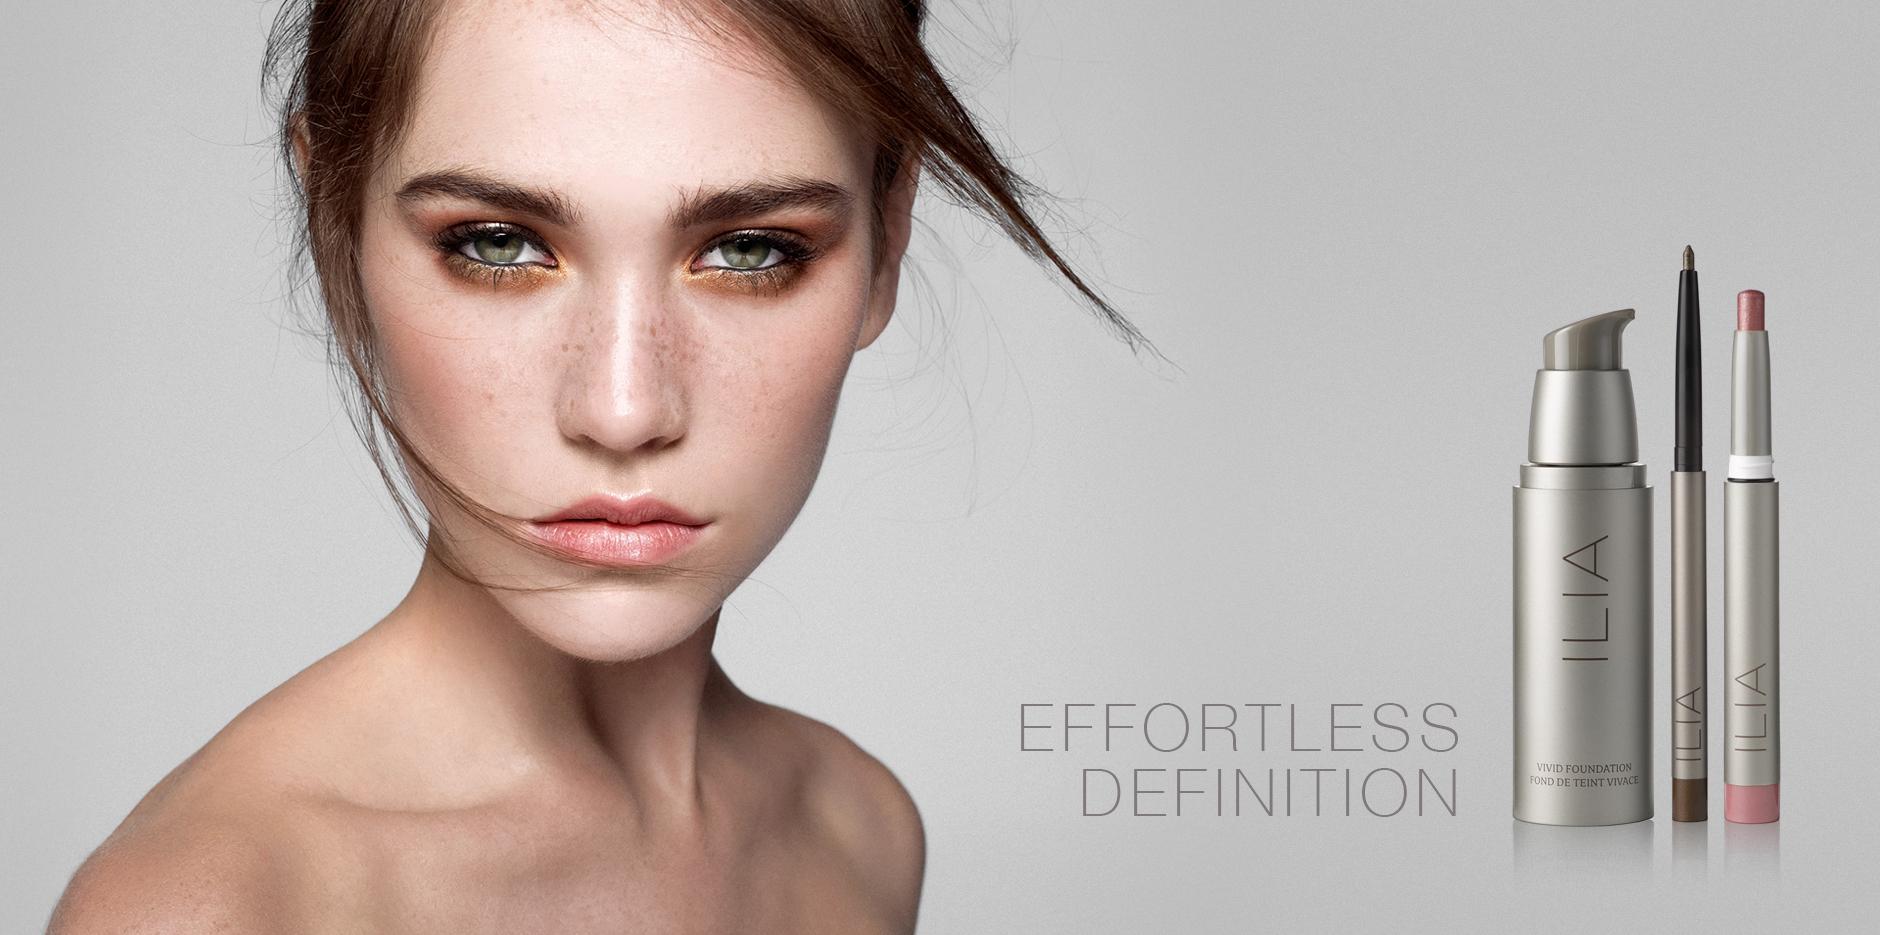 ILIA_Beauty_Effortless_definition-2.jpg